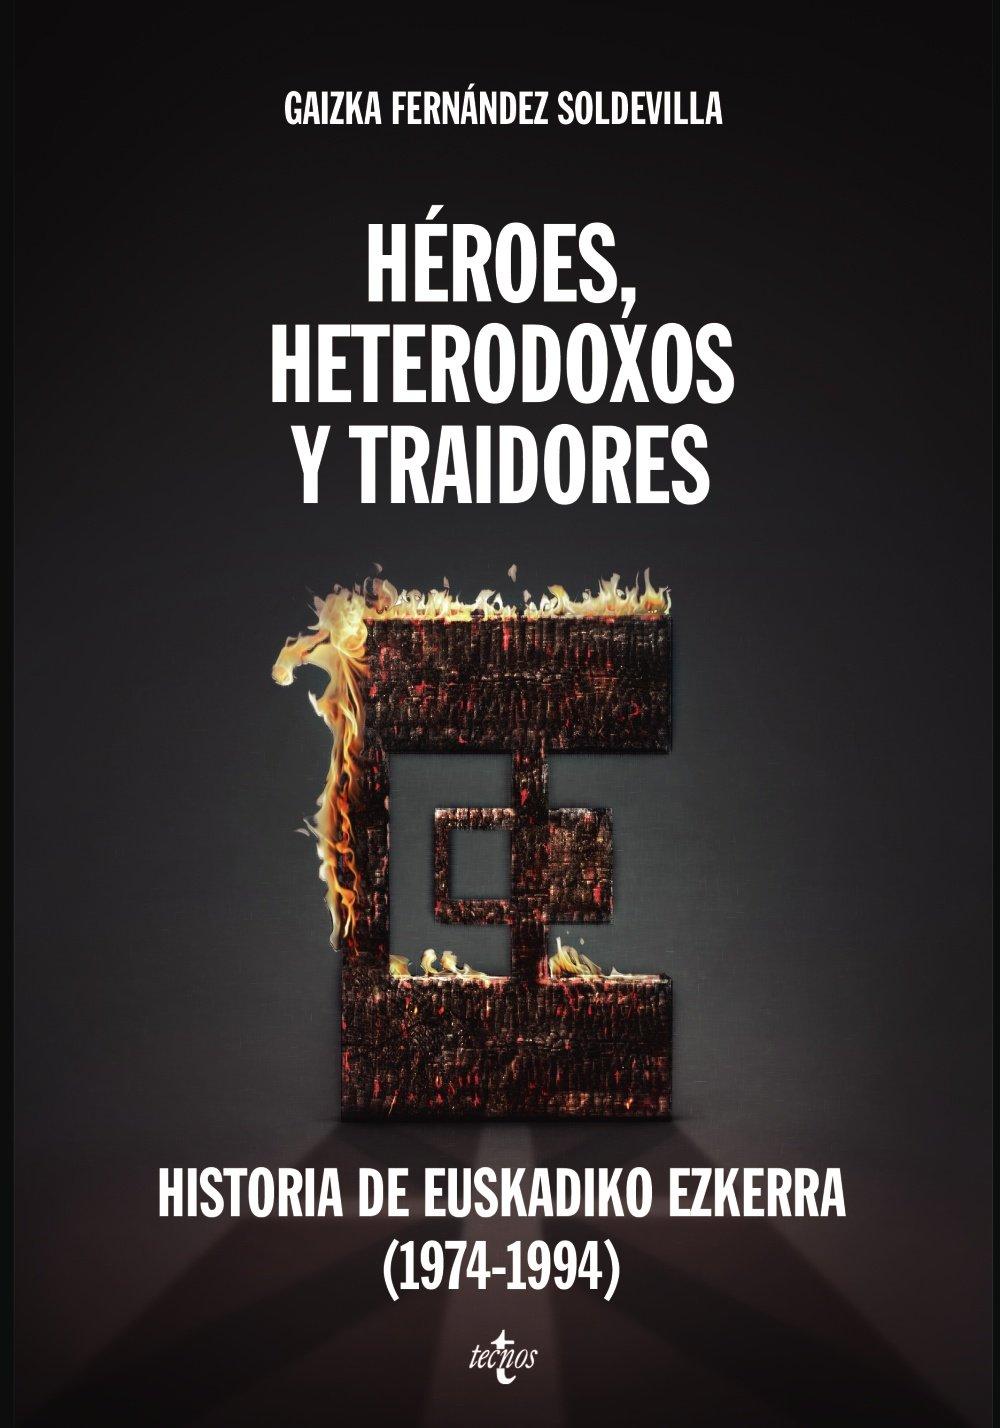 Héroes, heterodoxos y traidores: Historia de Euskadiko Ezkerra 1974-1994 Ciencia Política - Semilla y Surco - Serie de Ciencia Política: Amazon.es: Fernández Soldevilla, Gaizka, Granja Sainz, José Luis de la: Libros